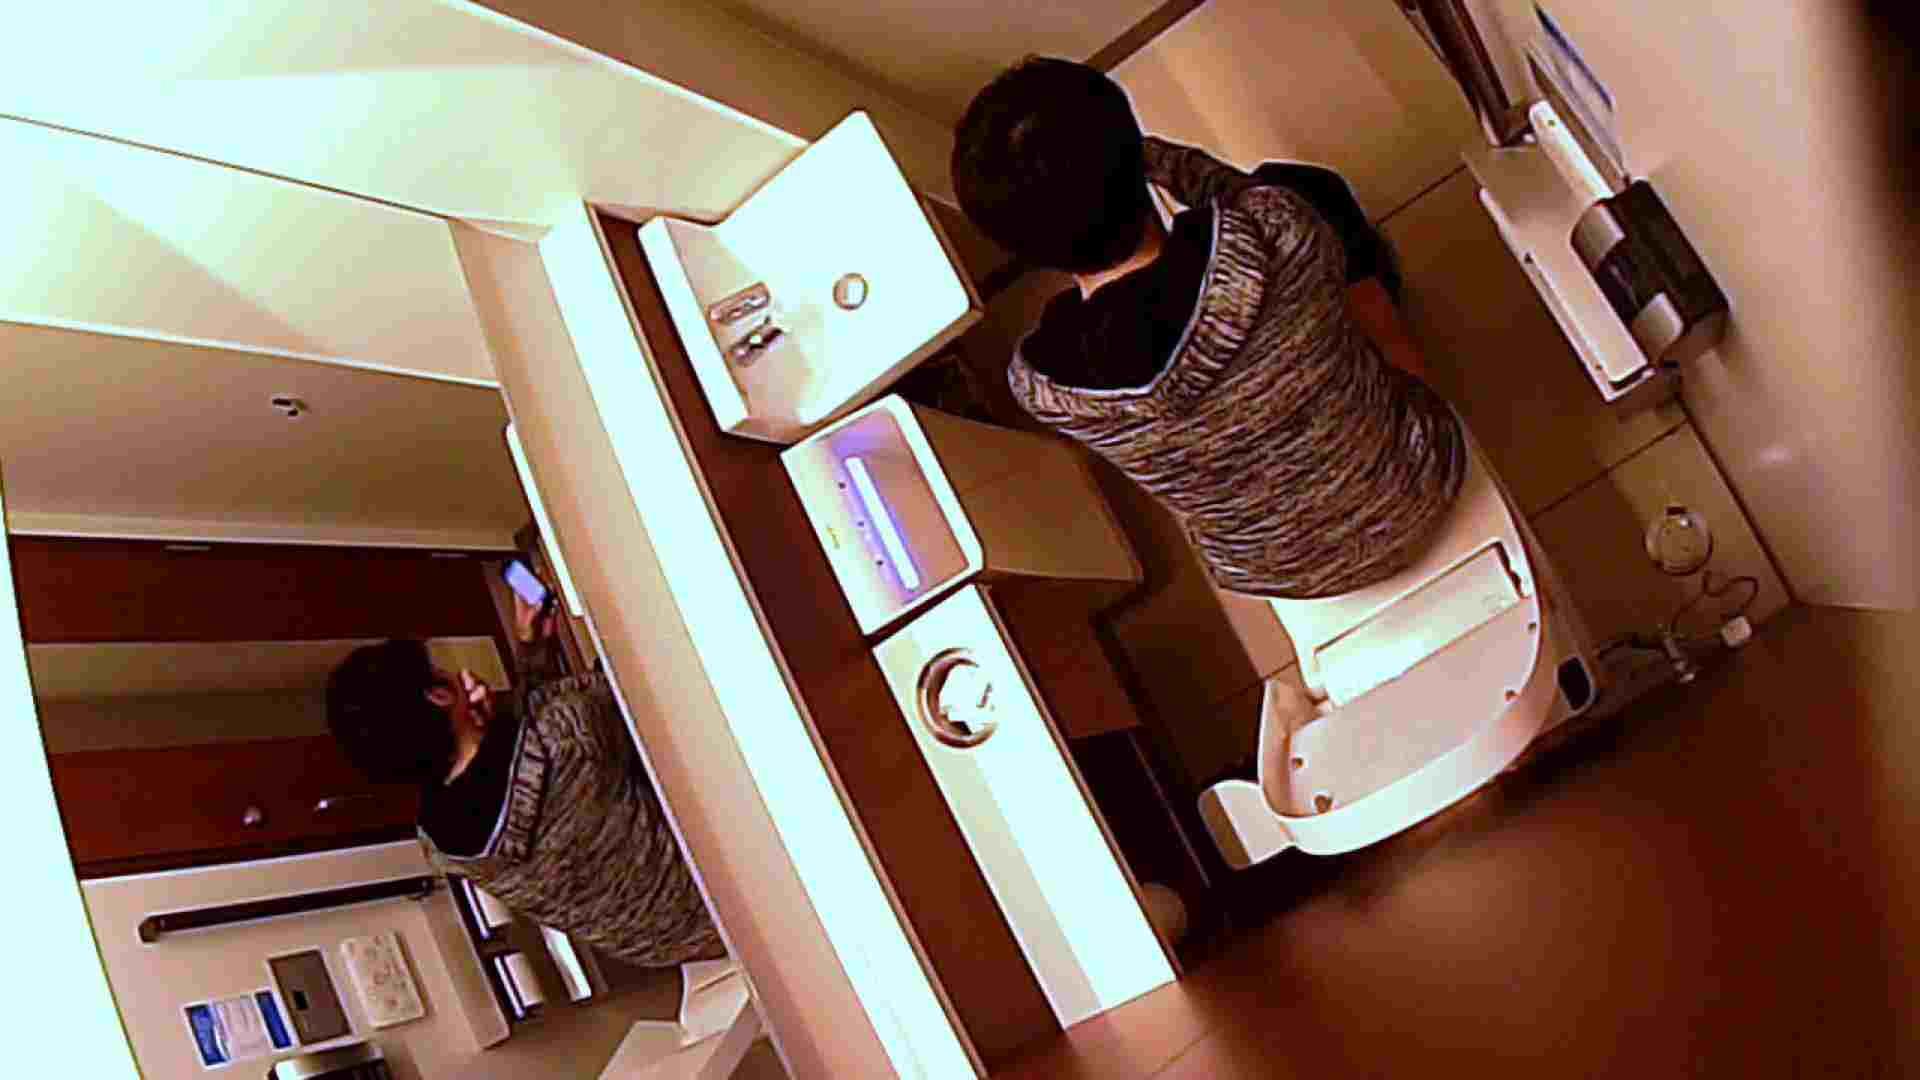 イケメンの素顔in洗面所 Vol.03 丸見え動画 | ボーイズうんこ  107pic 14